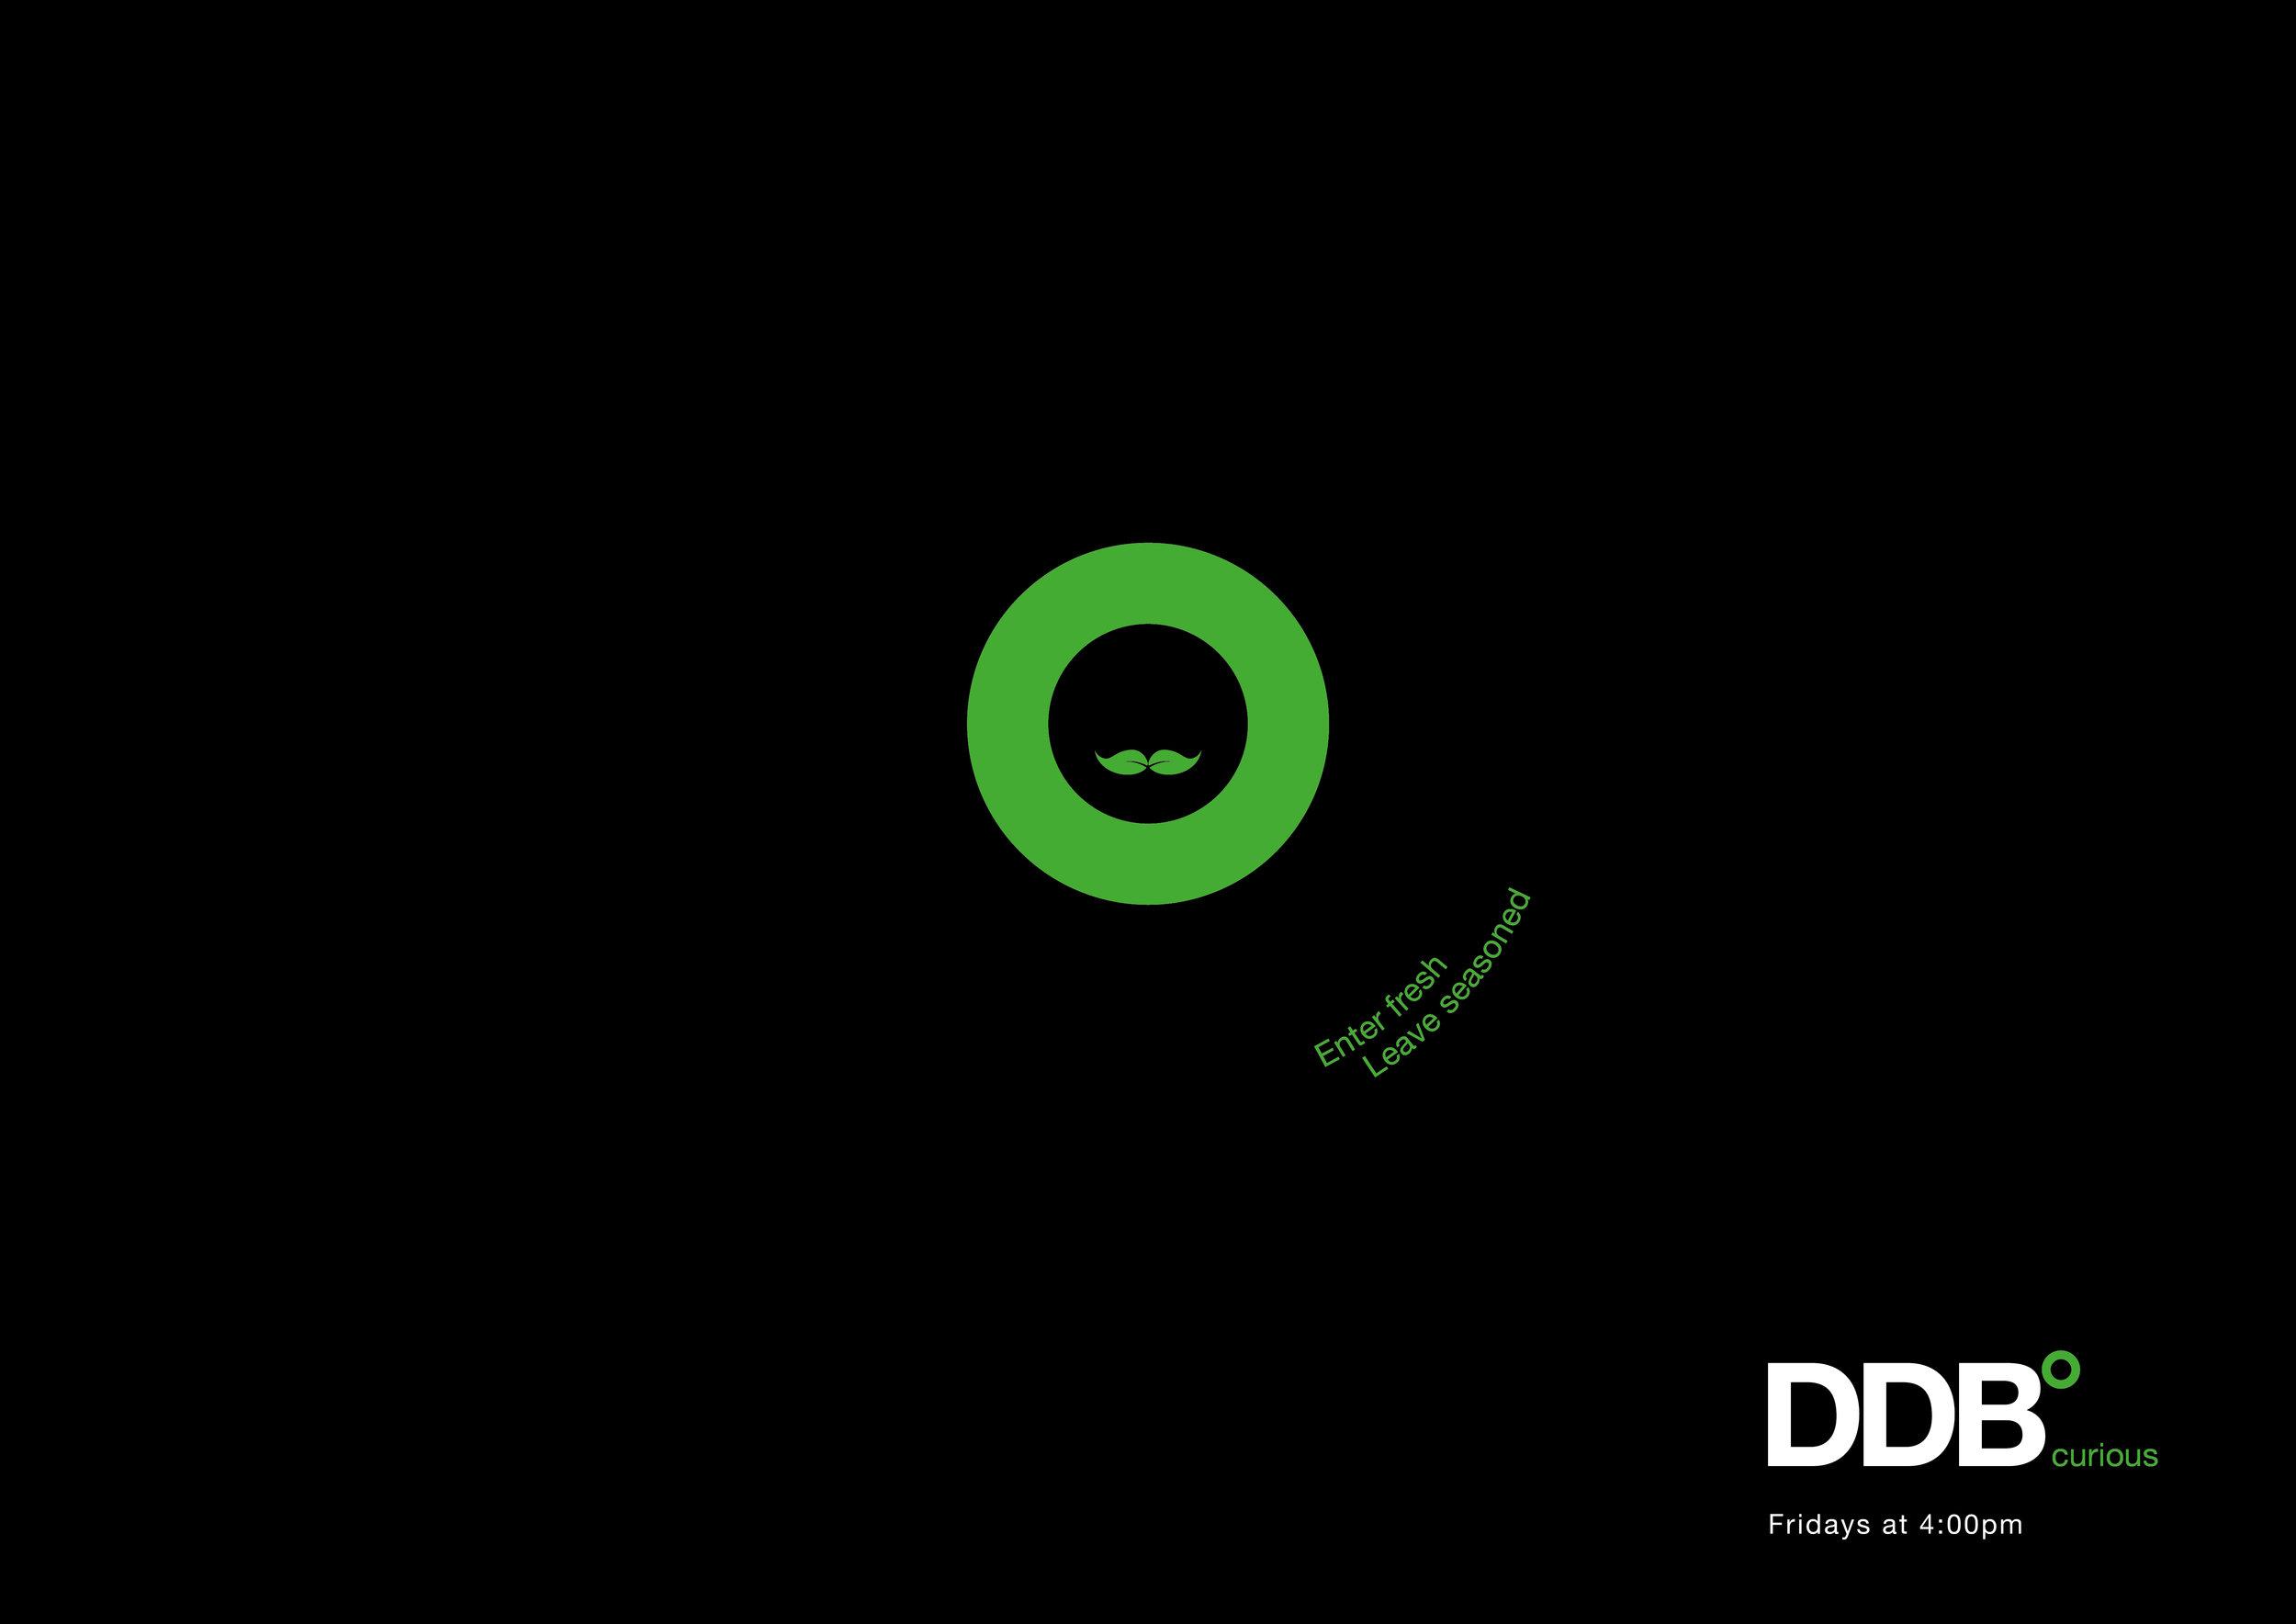 ddbcurious_-01.jpg